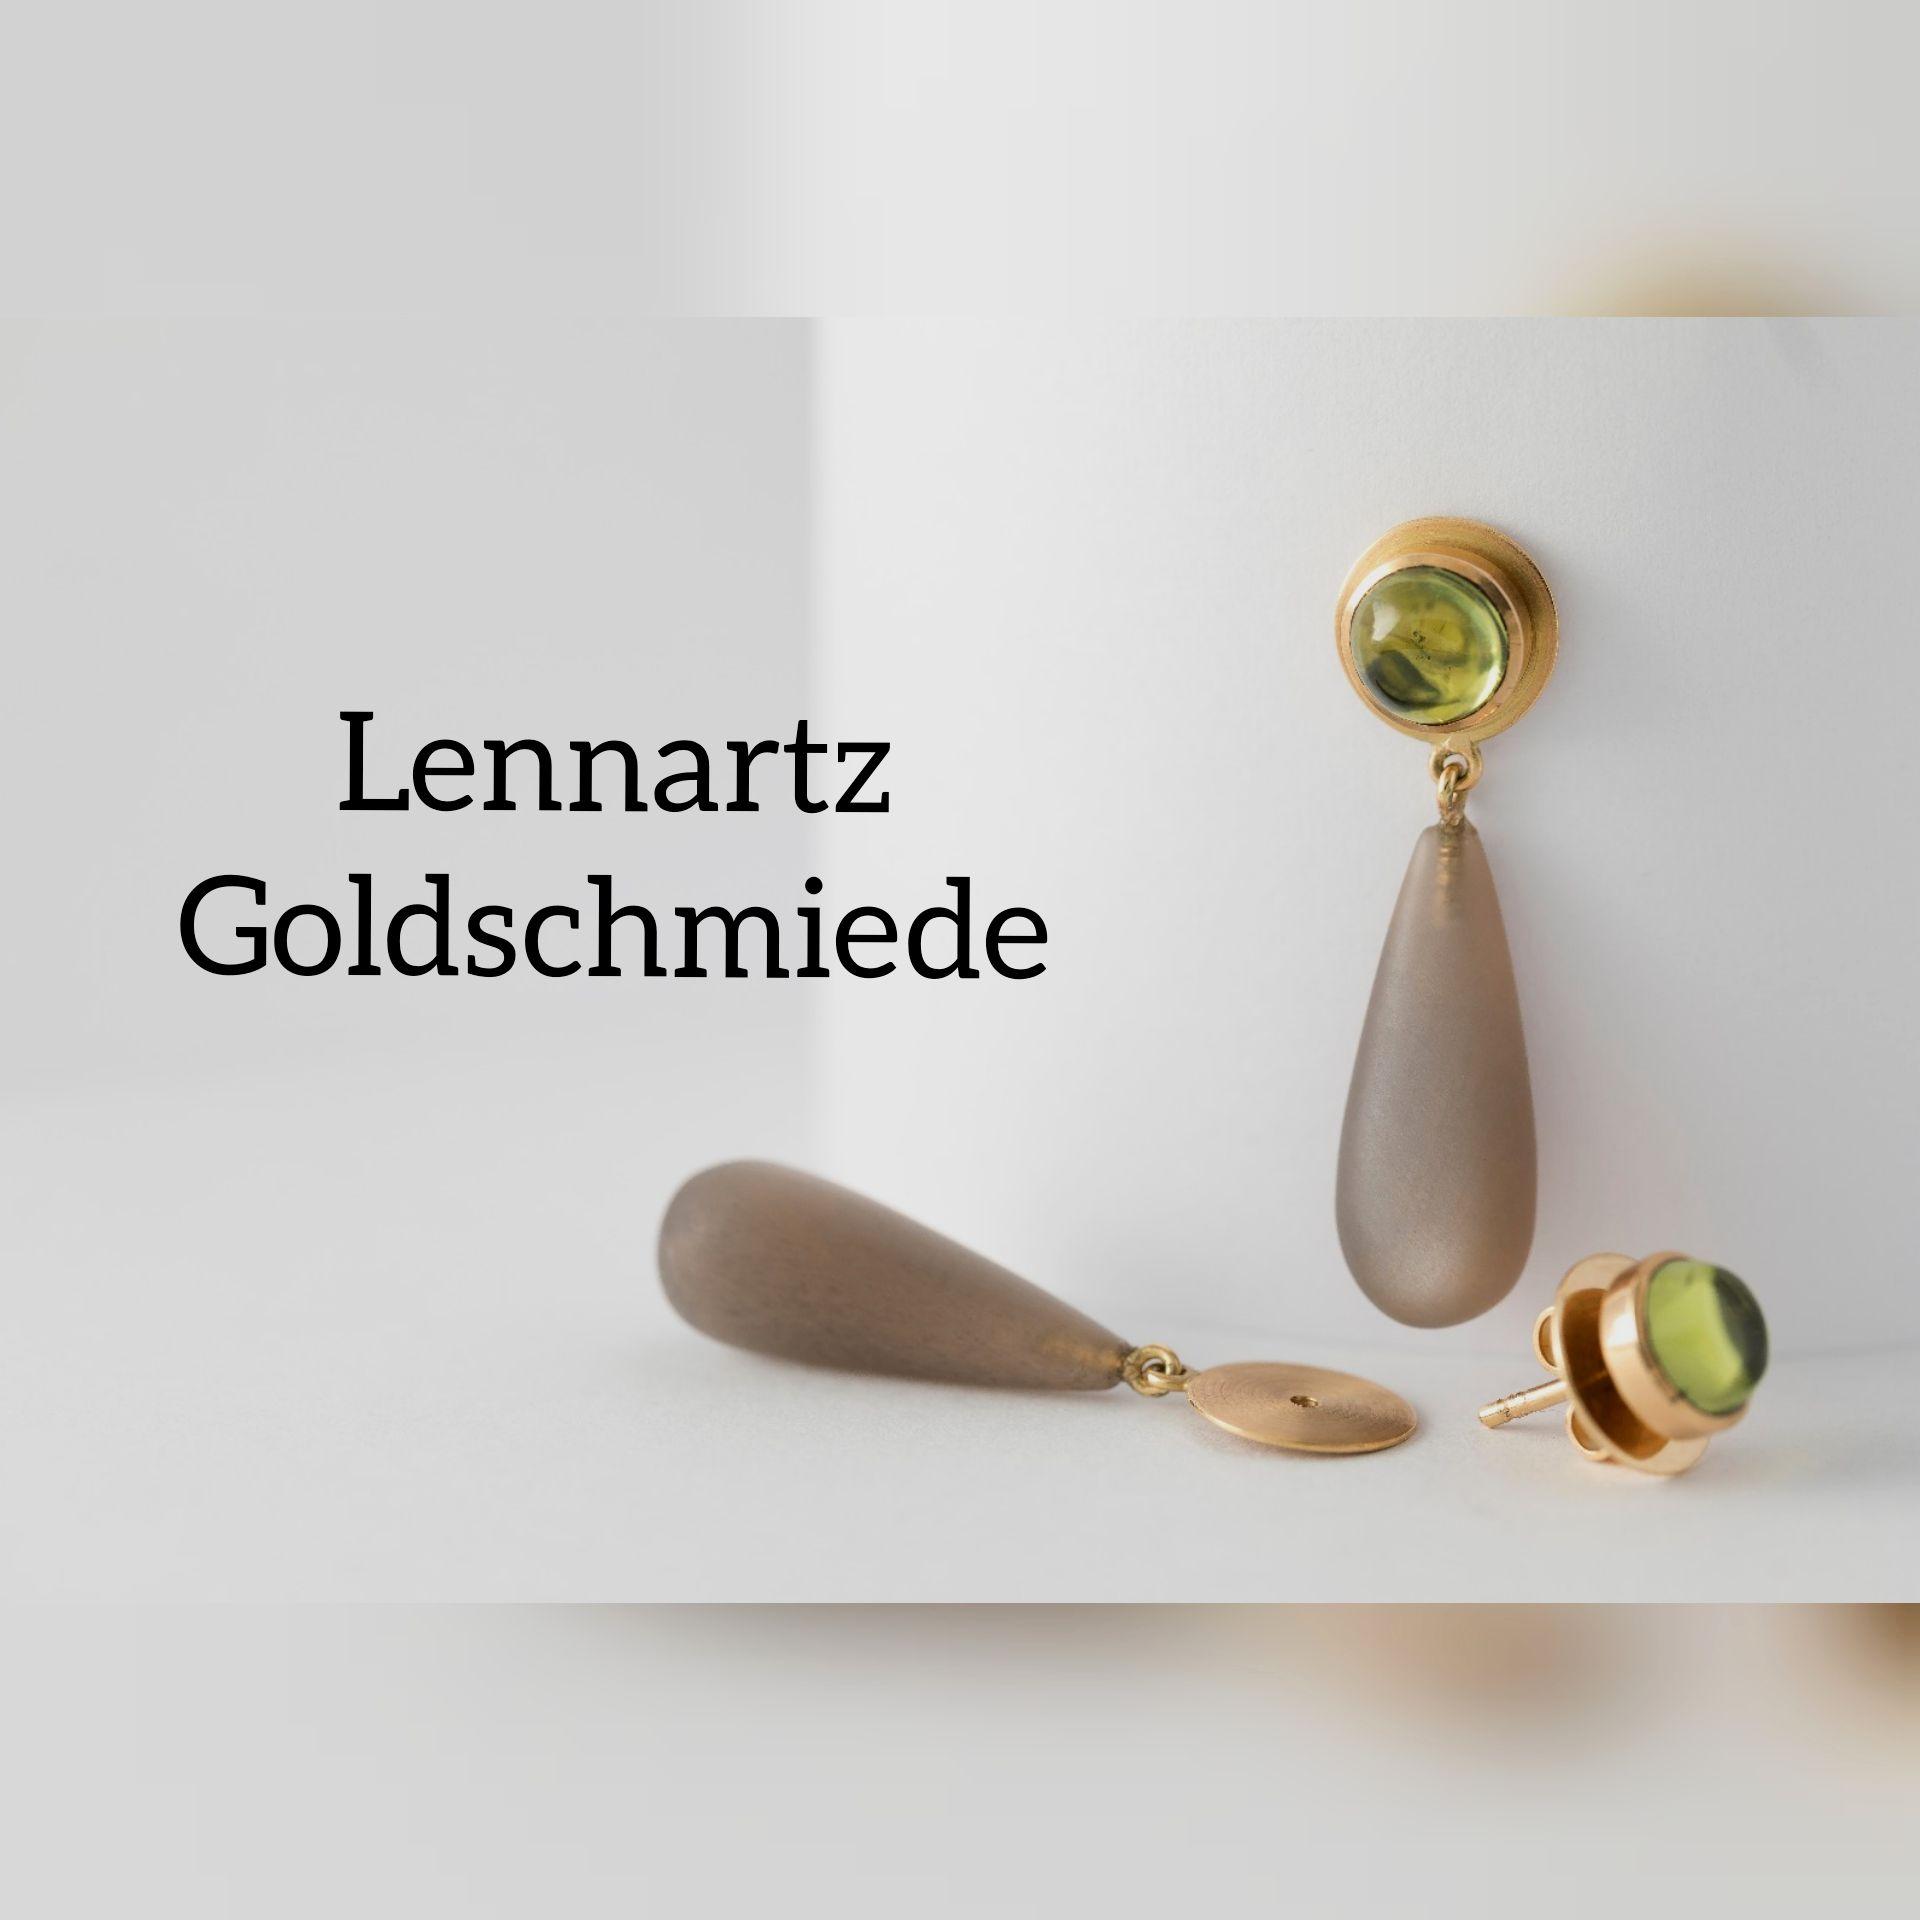 Goldschmiede Lennartz